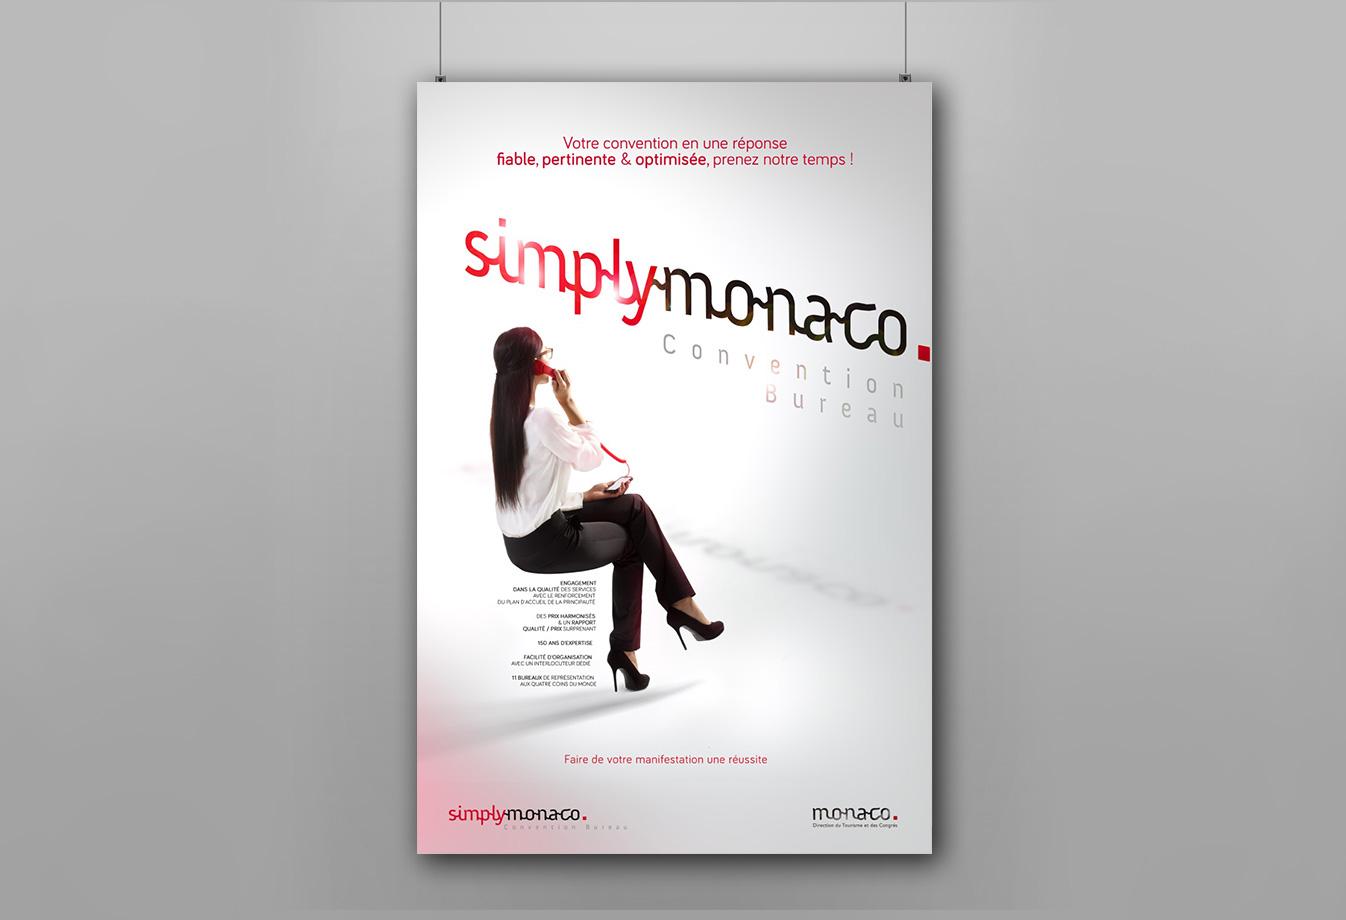 dtc_monaco-1